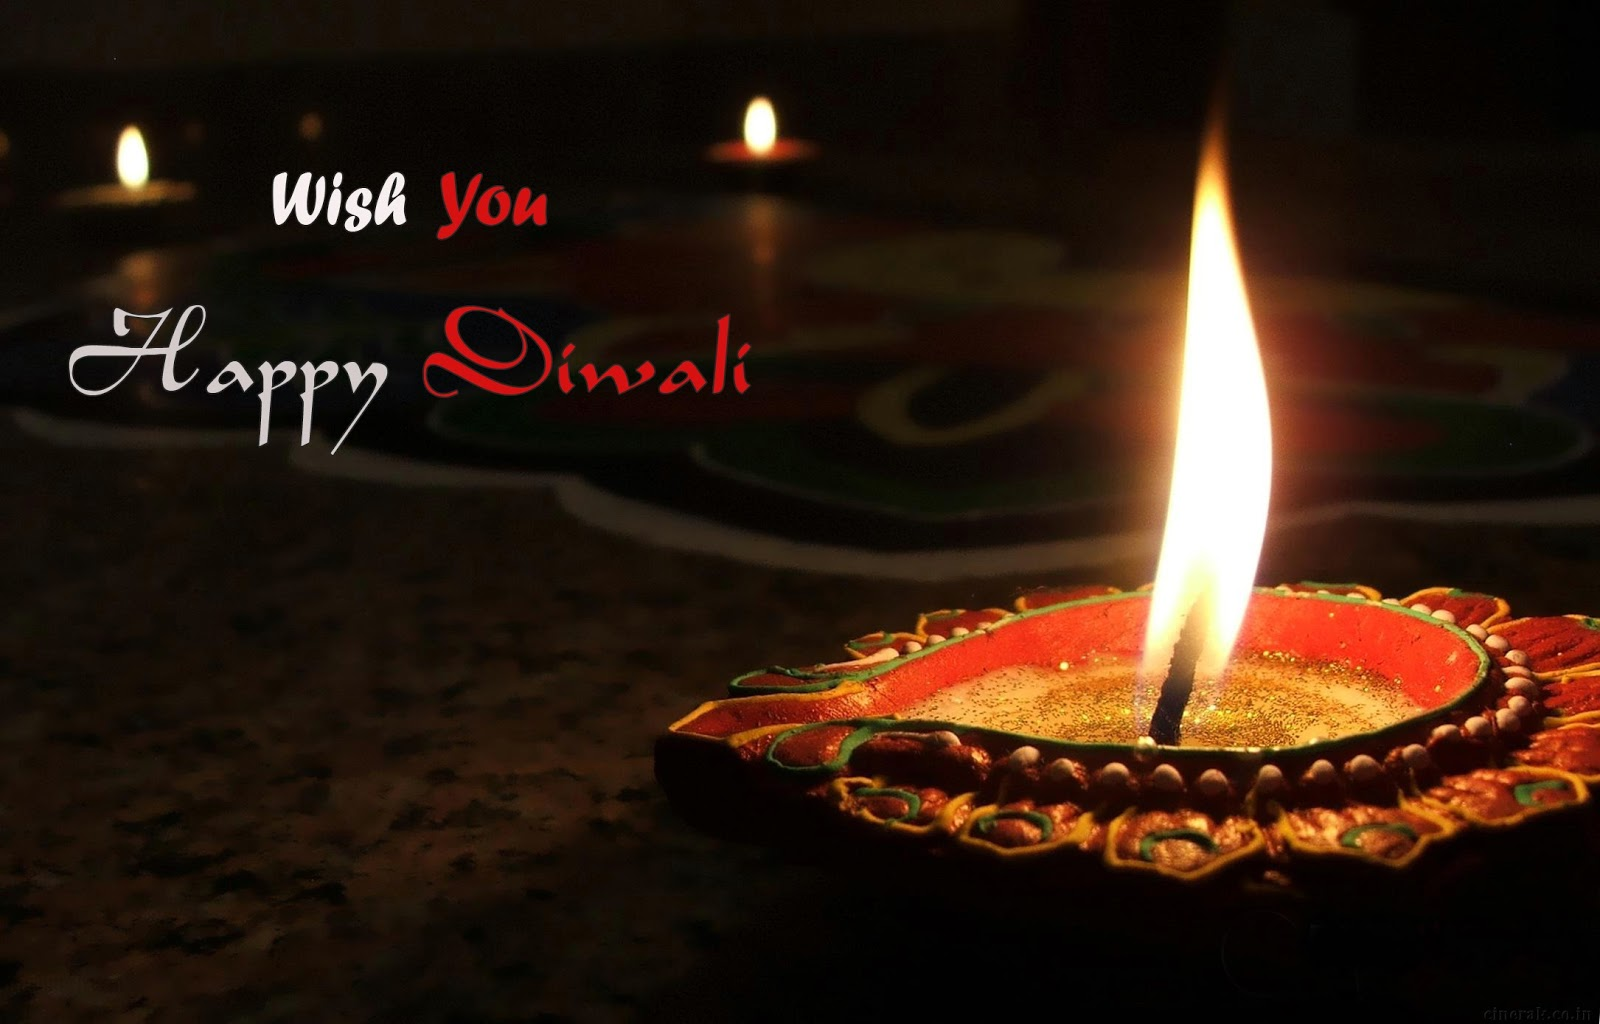 http://4.bp.blogspot.com/-u9wo2rGKe3s/UJ1LQ03s1rI/AAAAAAAAYkk/mhsFe77R8n0/s1600/Happy-Diwali-2012-Wallpapers+(8).jpg